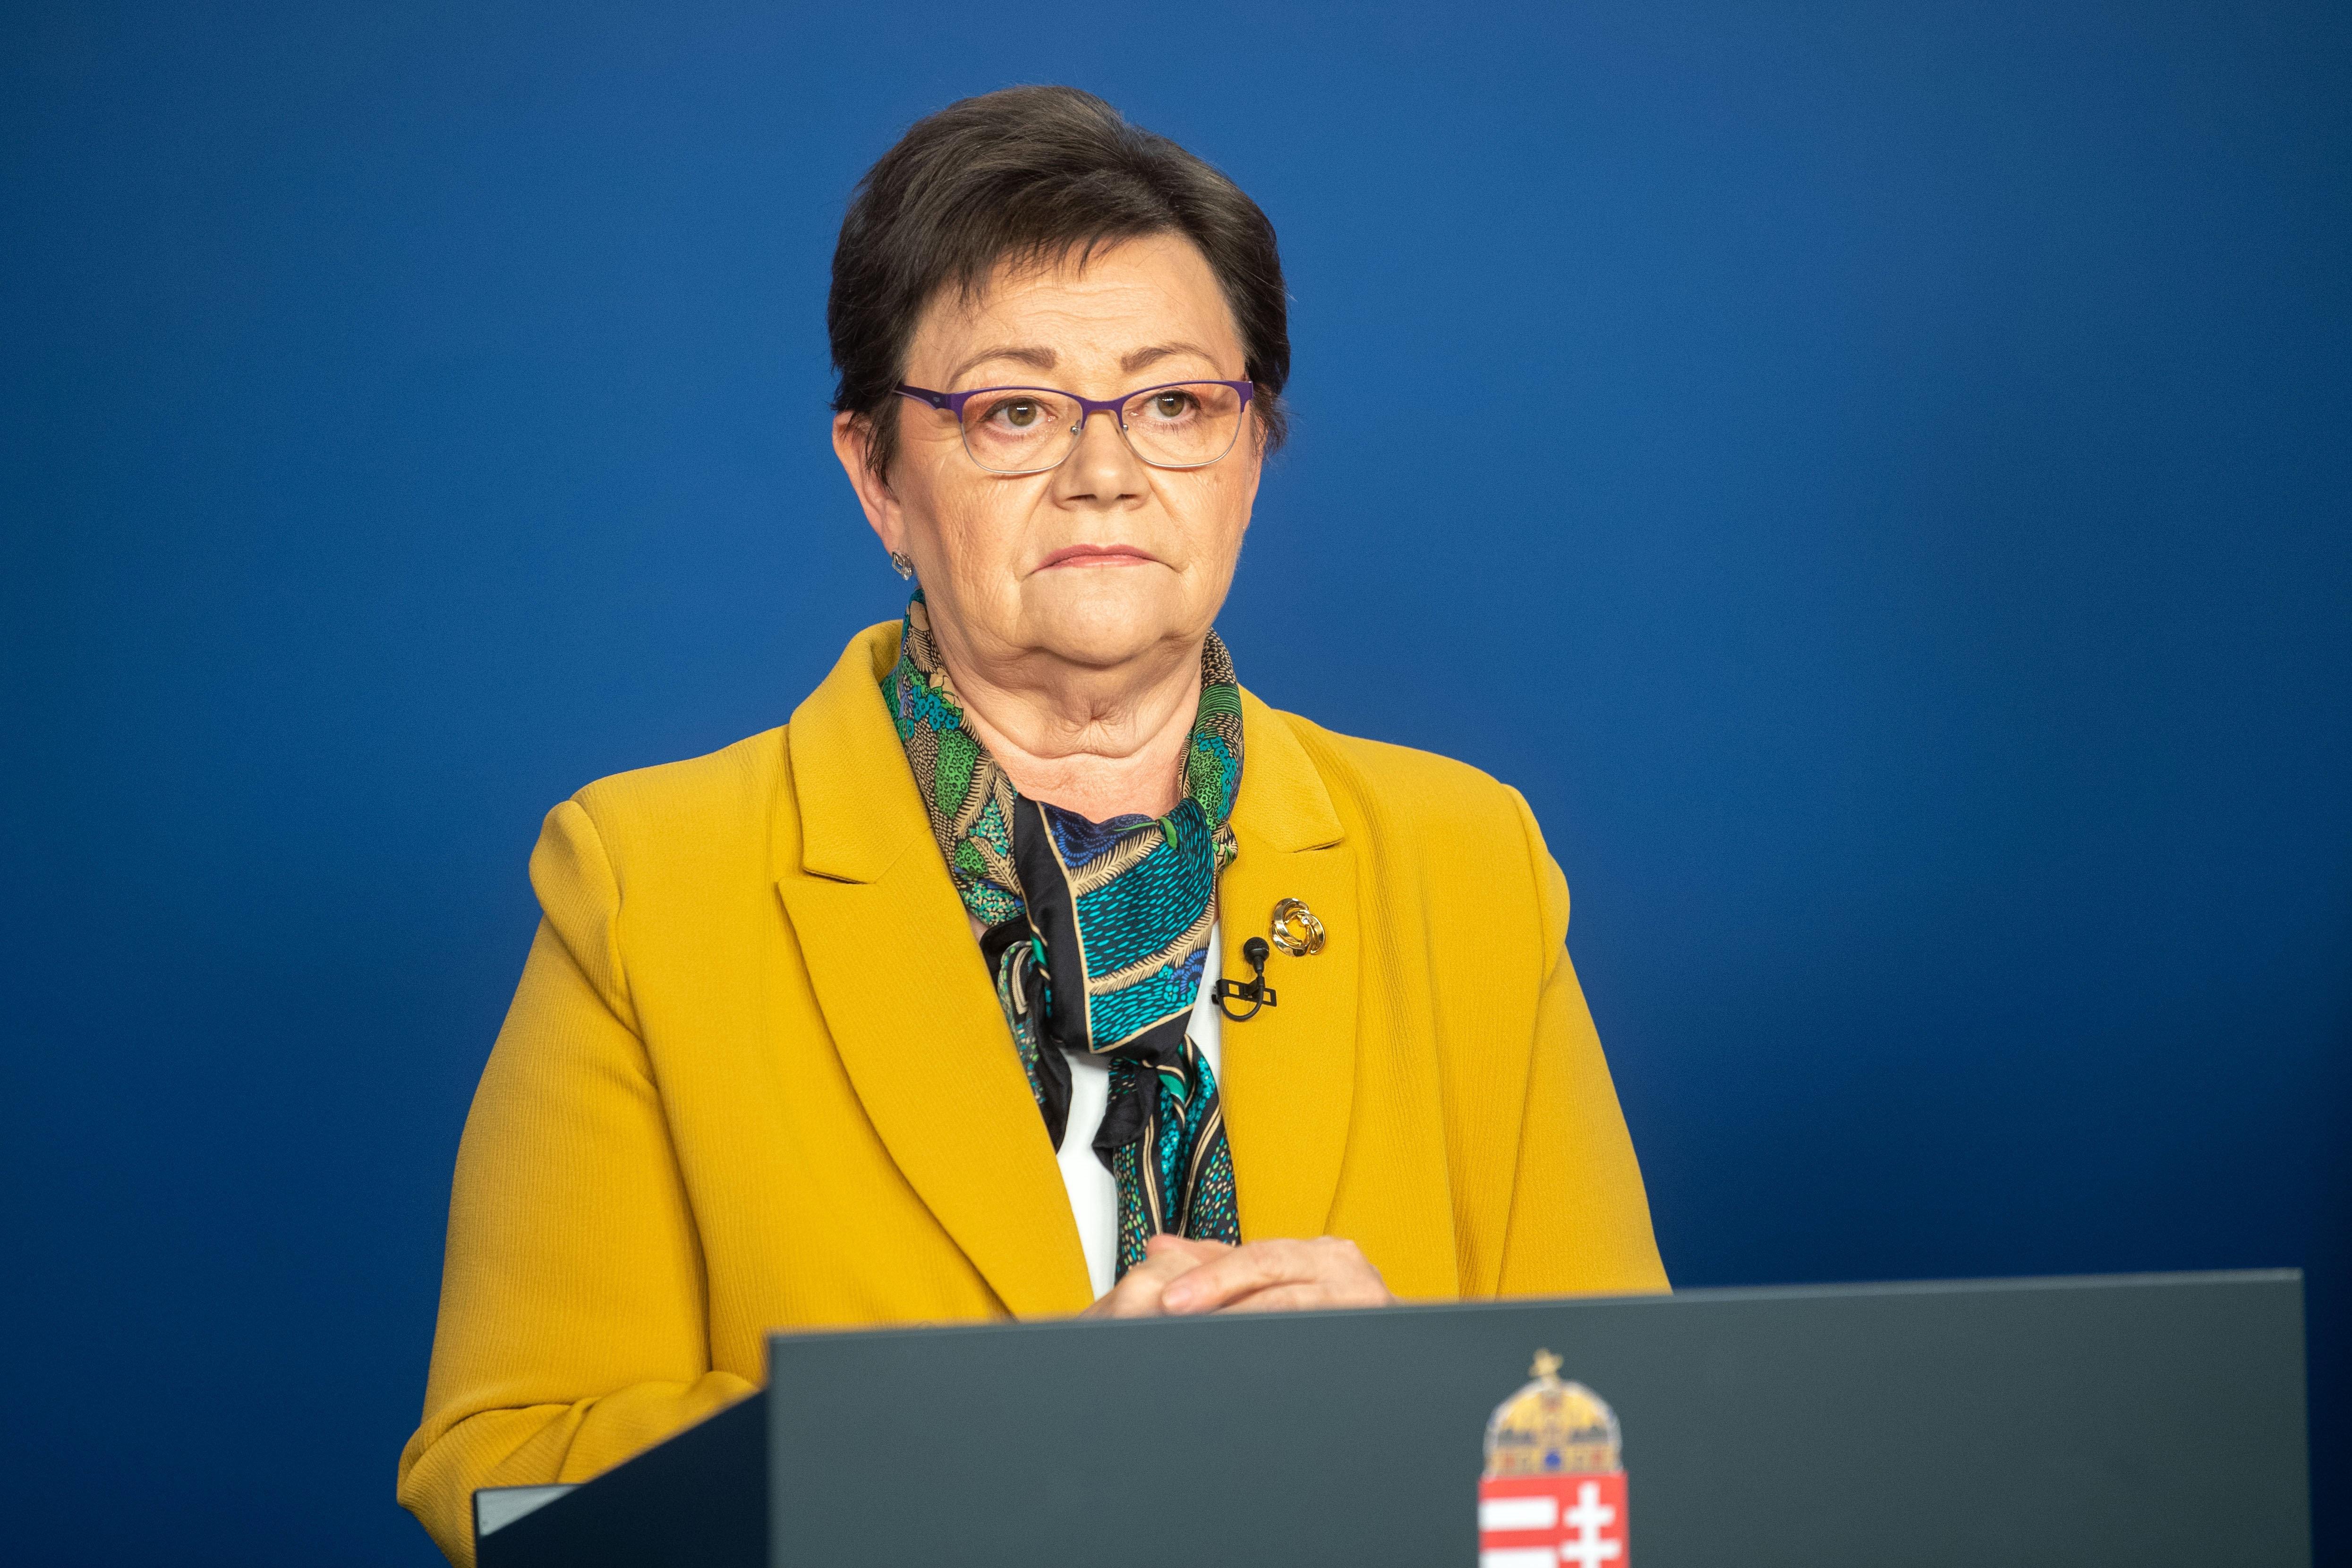 Müller Cecília nem válaszolt a járvánnyal kapcsolatos kérdésekre sem, mondván, az veszélyeztetné a sikeres védekezést